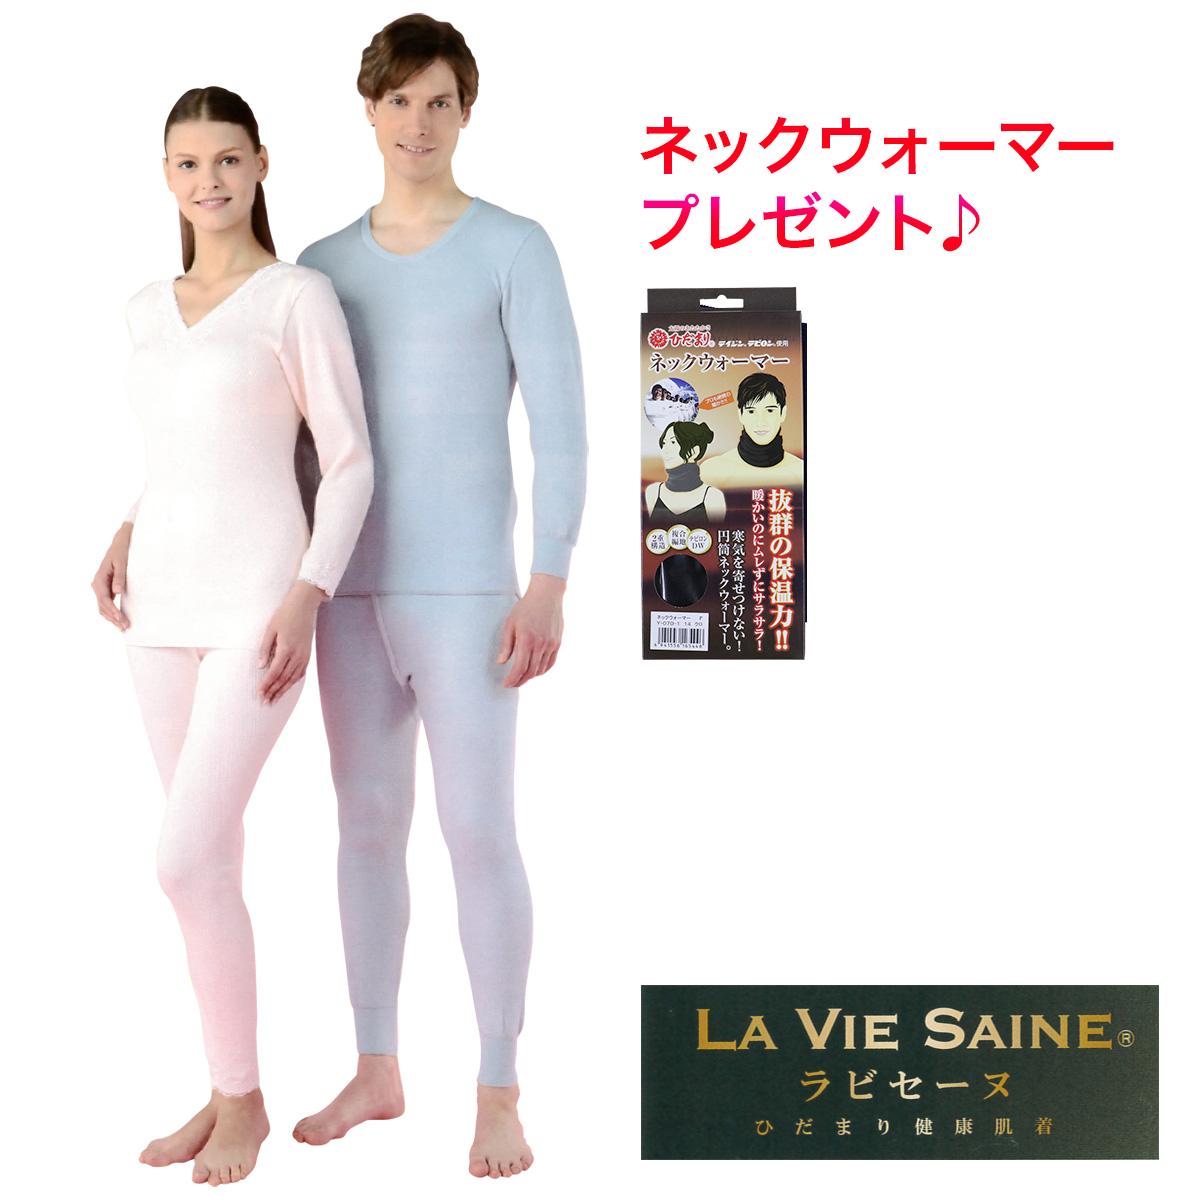 ひだまり 超あったか福袋「ラビセーヌ」 肌着上下セット & ネックウォーマープレゼント メンズ レディース 日本製 長袖 冬 暖かい あったか あたたかい 紳士 婦人